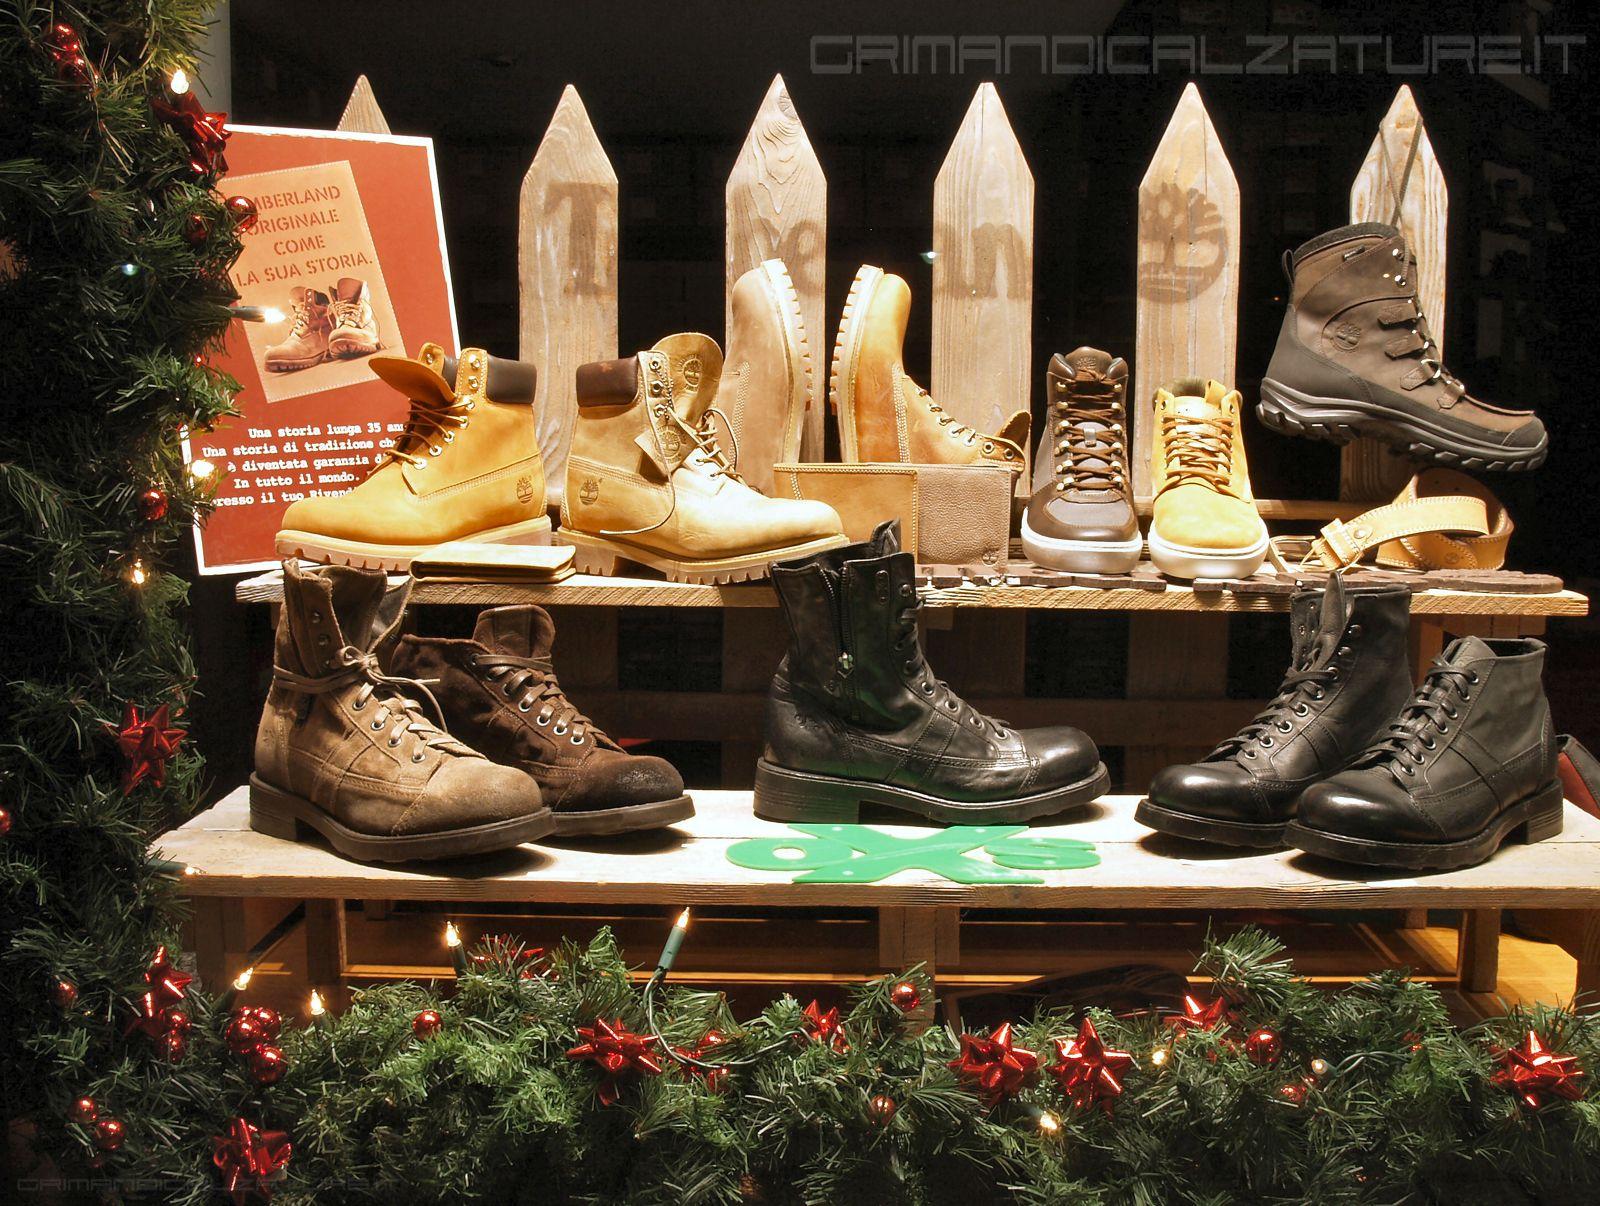 promo code ff167 29f01 Un dettaglio della vetrina natalizia con scarpe Timberland e ...